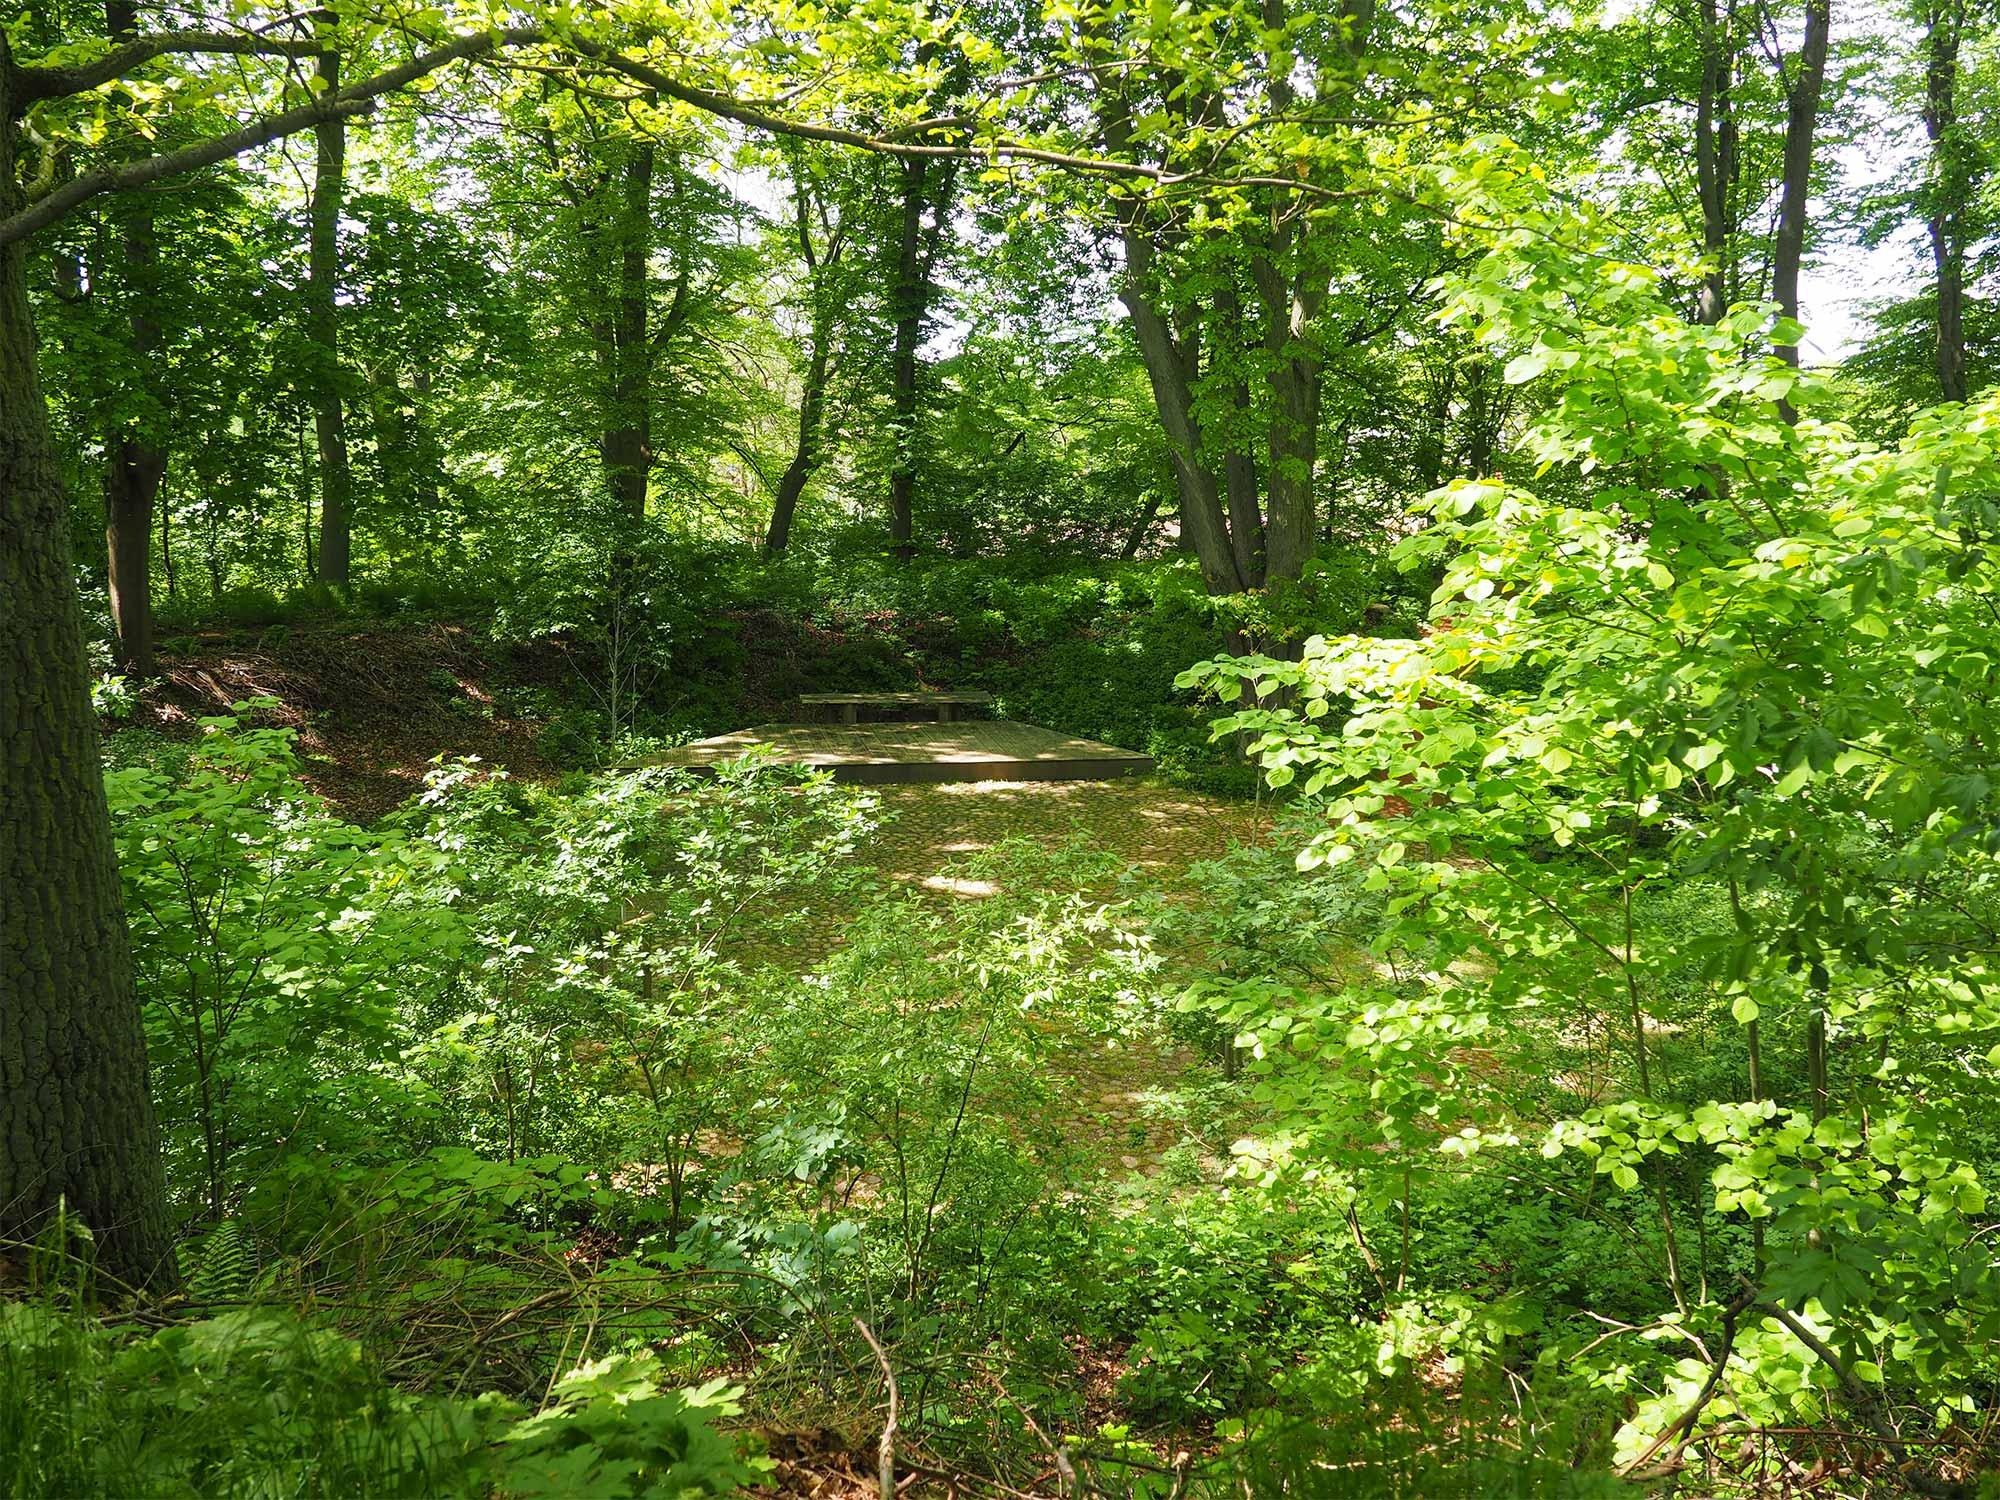 Blick in den grün leuchtenden Wald